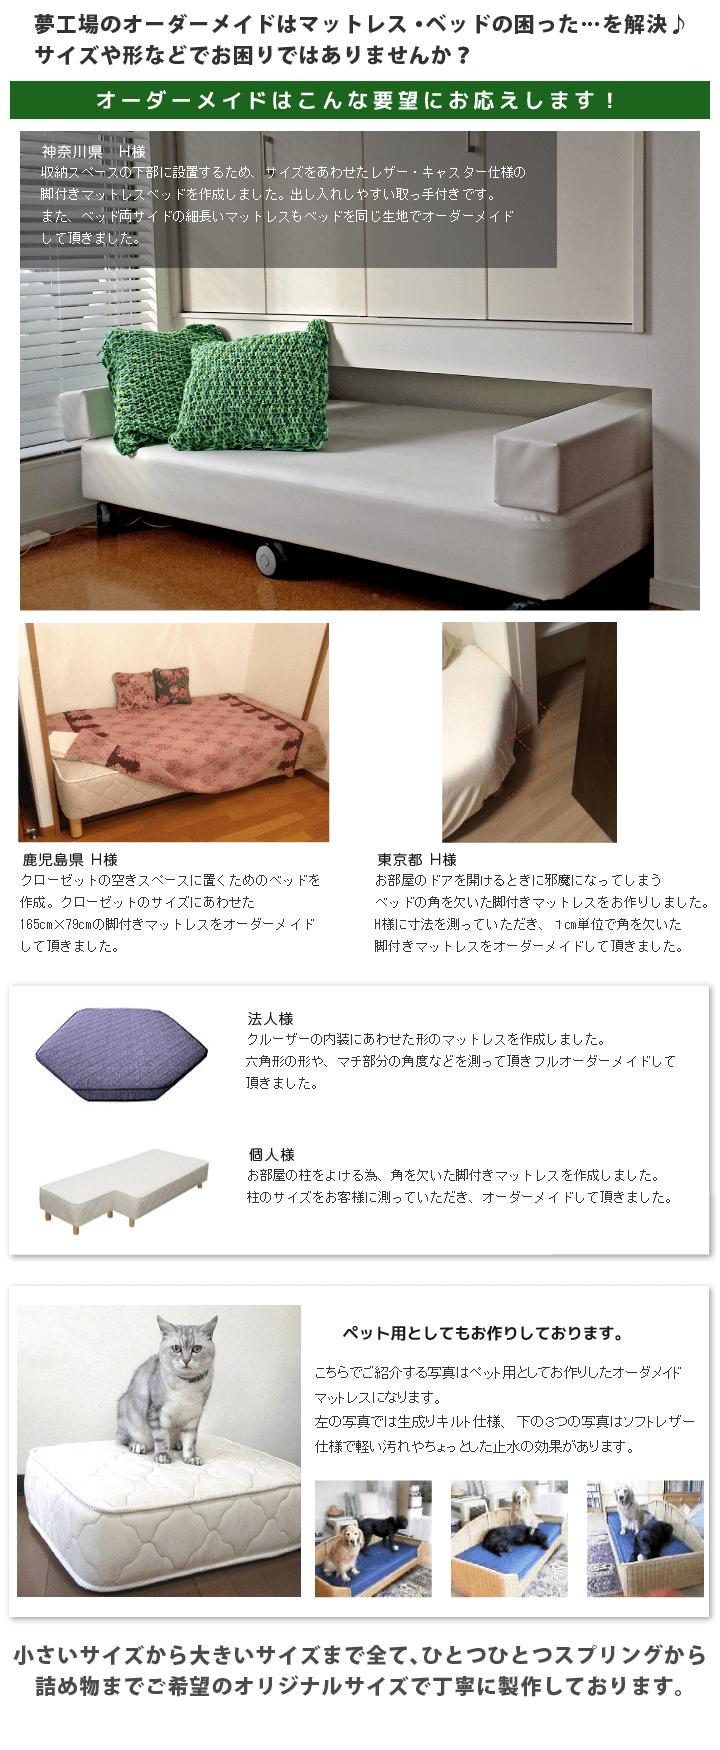 特注オーダーメイド、ペット用・アンティークベッド・外国製フレーム・作りつけのベッドなどに合うマットレスやベッドをお作りします